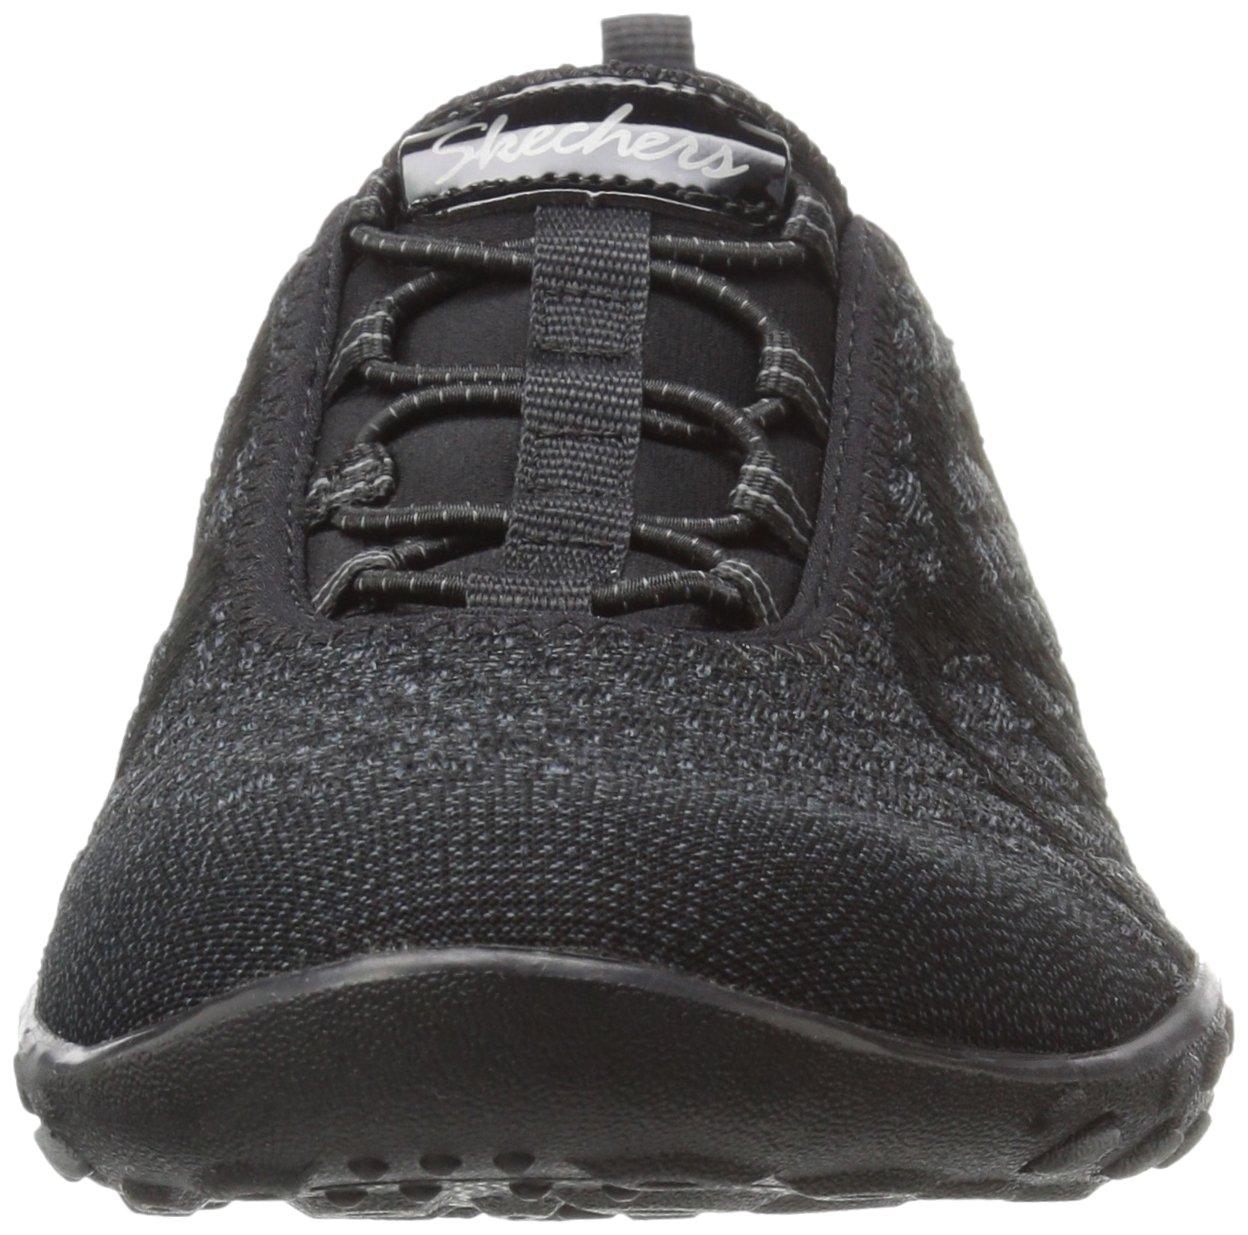 Skechers Sport Women's Breathe Easy Fortune Fashion Sneaker,Black Knit,5 M US by Skechers (Image #4)